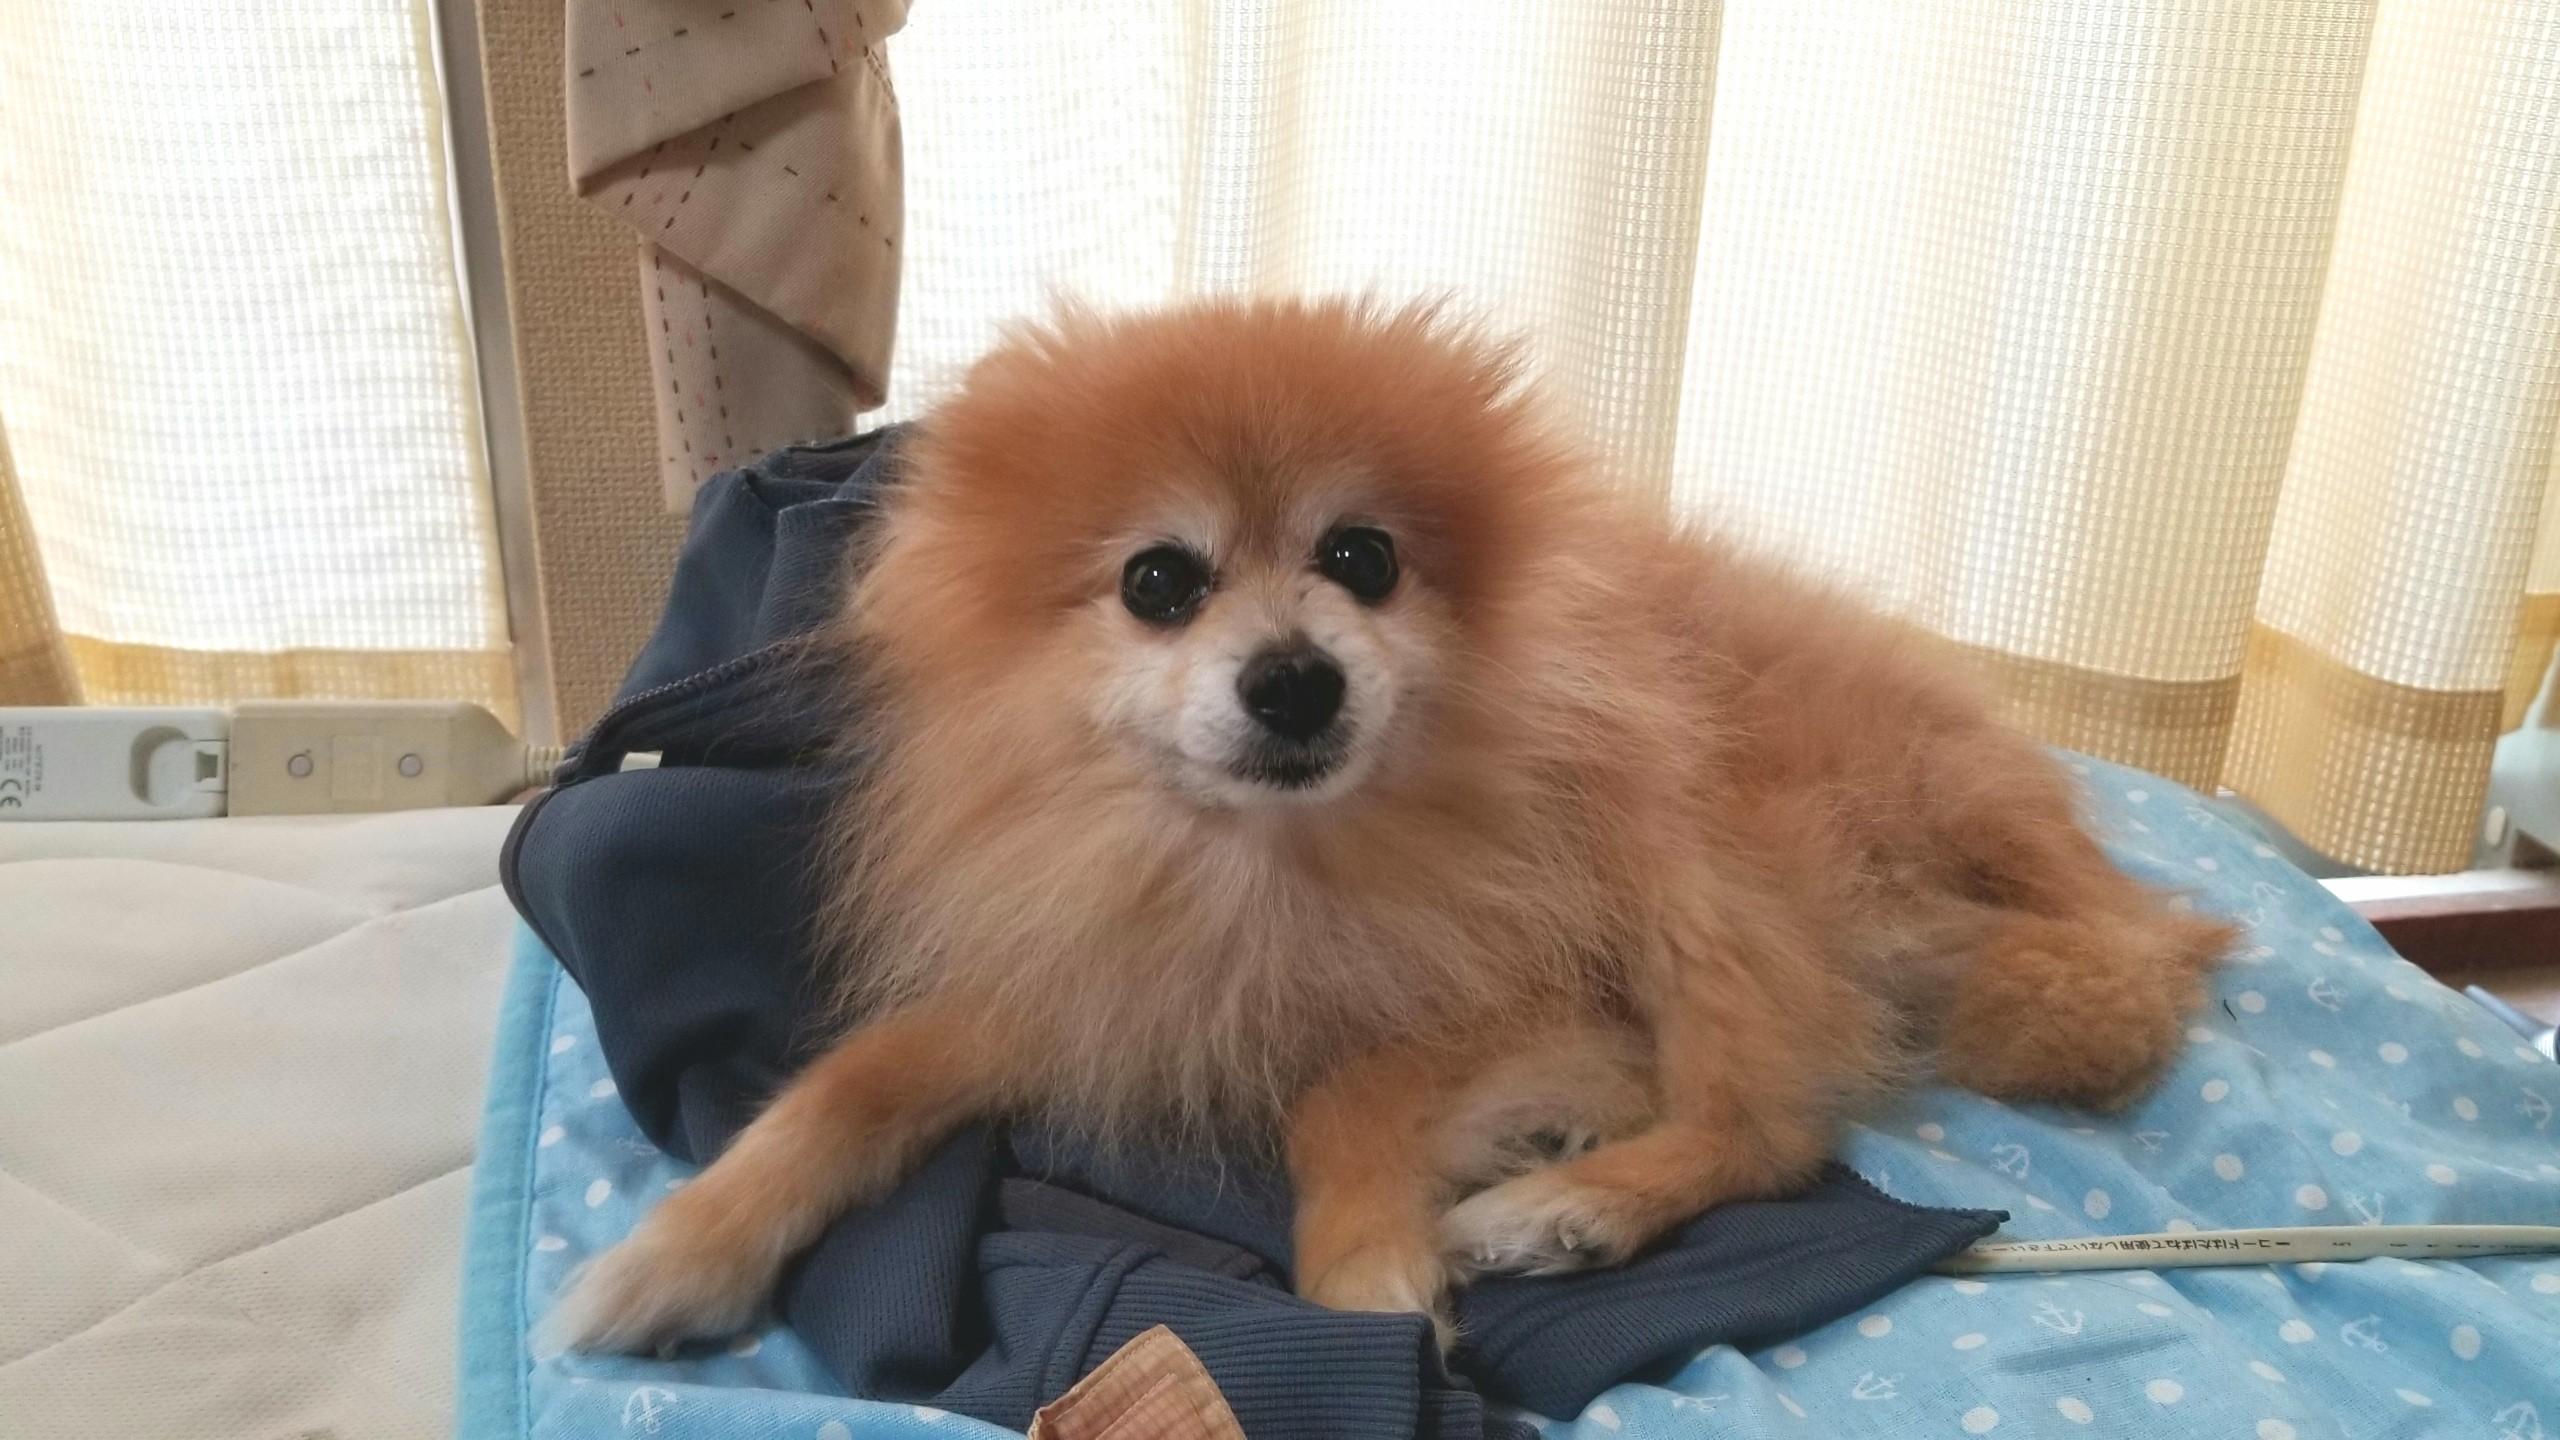 東京観光へ,ペットホテル宿泊,留守番,愛犬,ポメラニアン,寂しがり屋